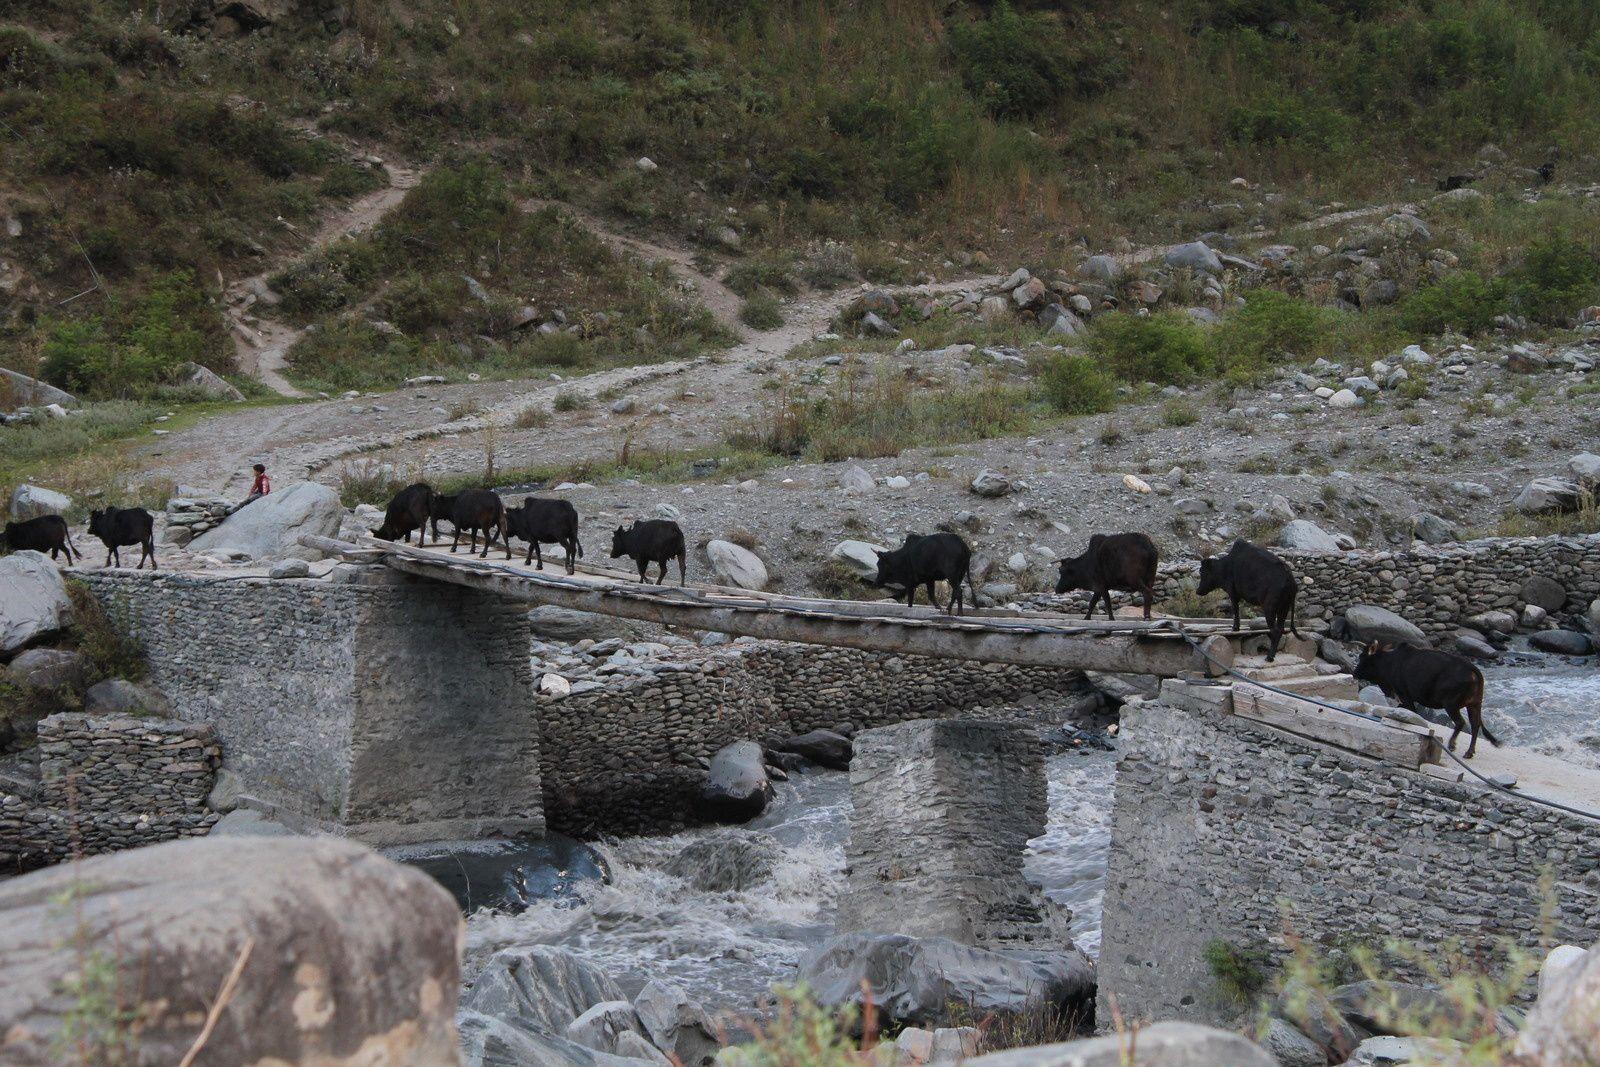 Ce pont au-dessus d'une rivière déchaînée qui relie les 2 rives du village semble précaire mais avec le traffic qui passe (troupeaux de chèvres, moutons, vaches), il a fait ses preuves!